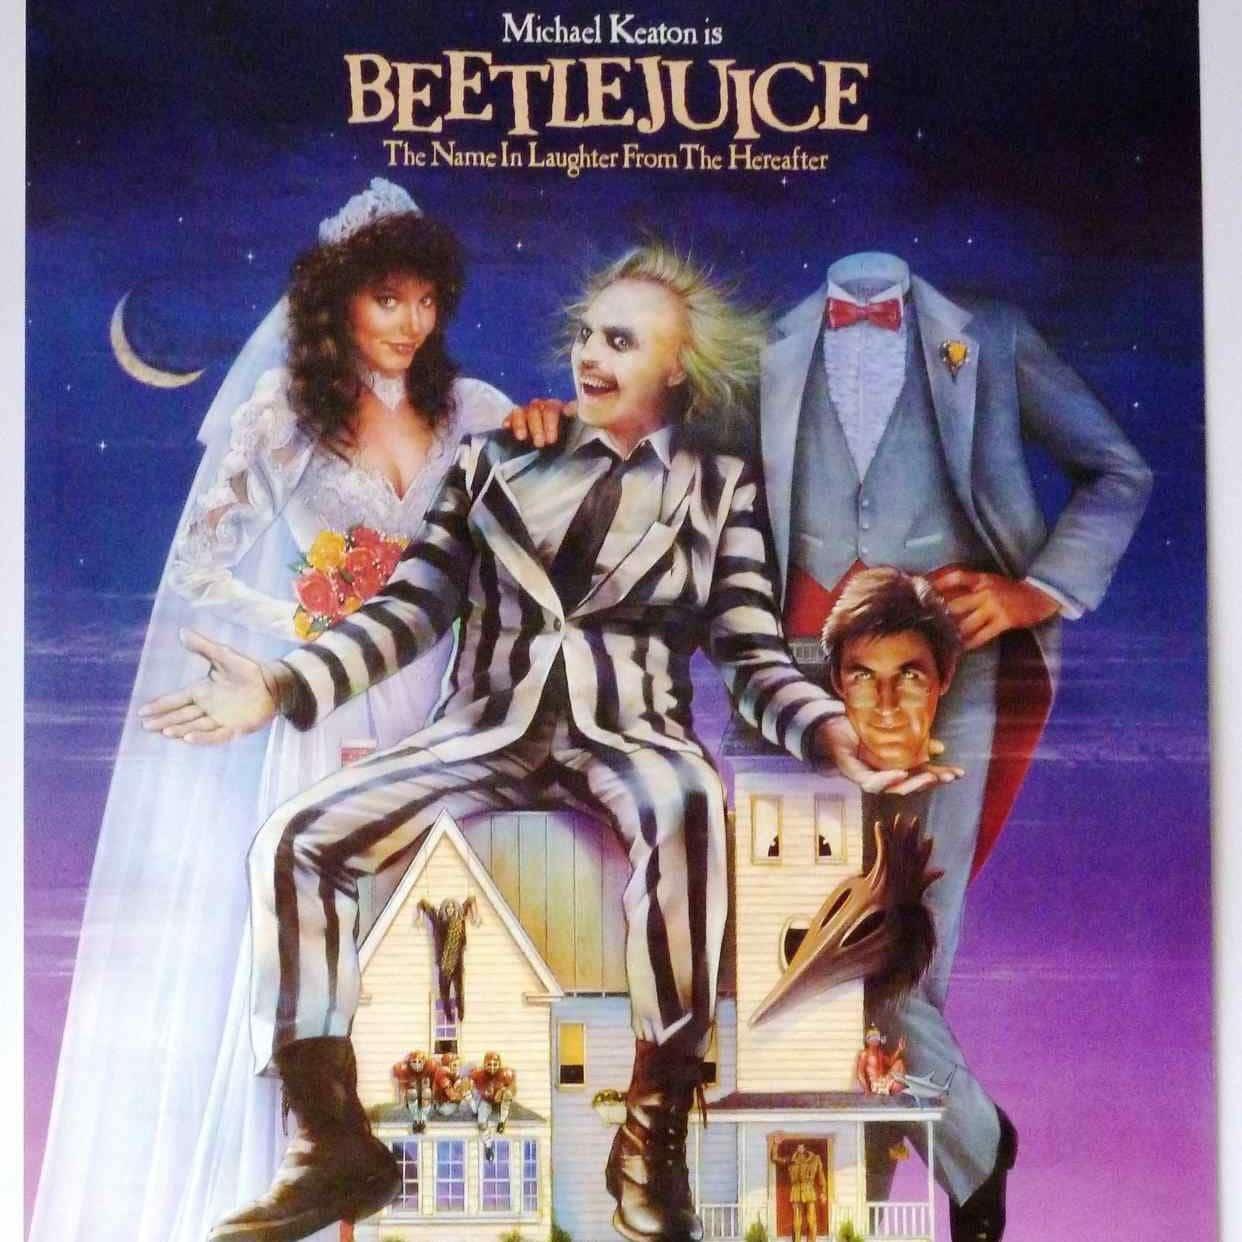 beetlejuice 1988 pg kalamazoo state theatre